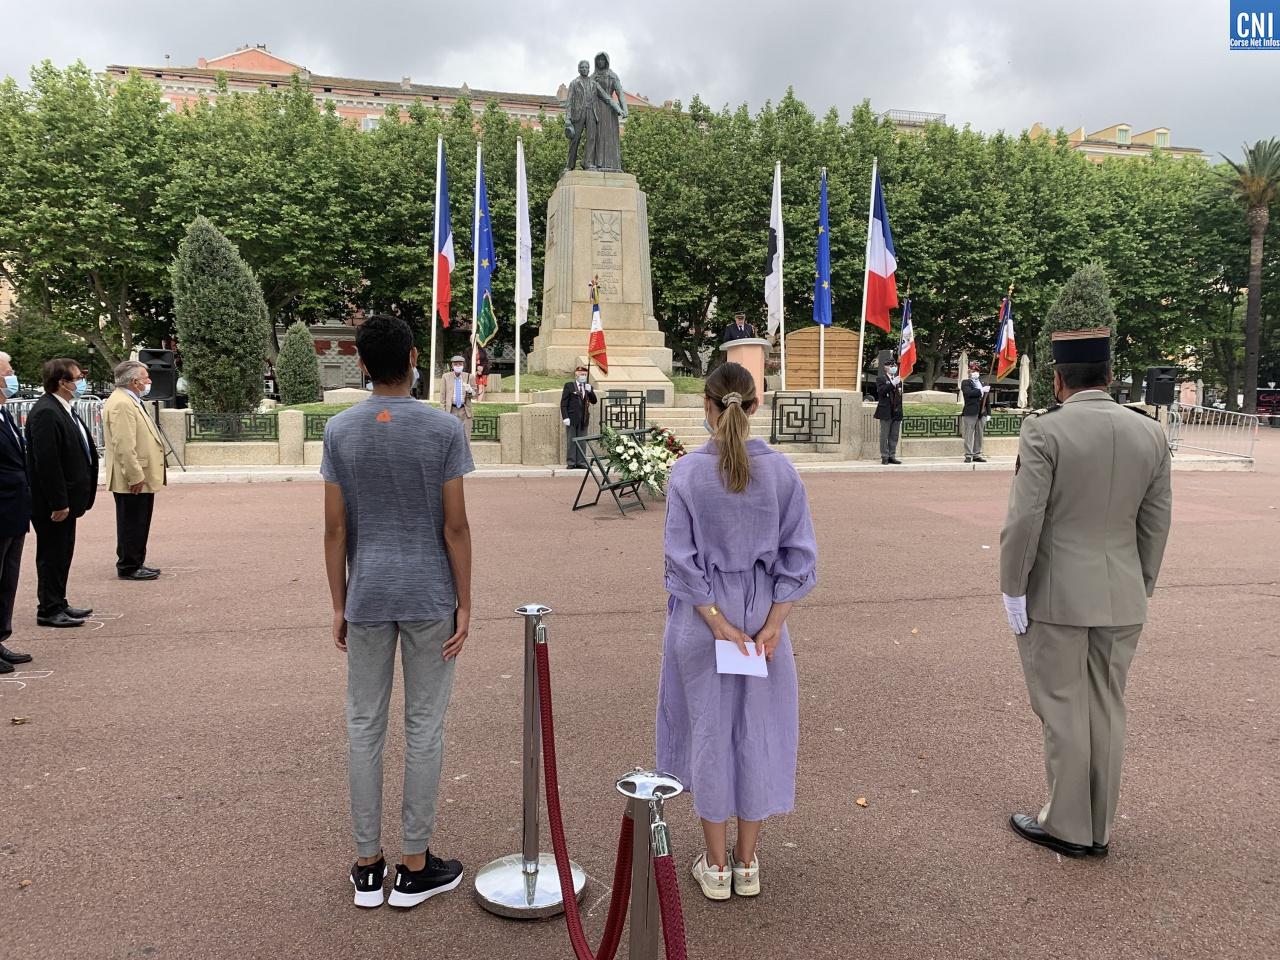 18 Juin - Le 81ème anniversaire de l'appel du général de Gaulle célébré à Bastia